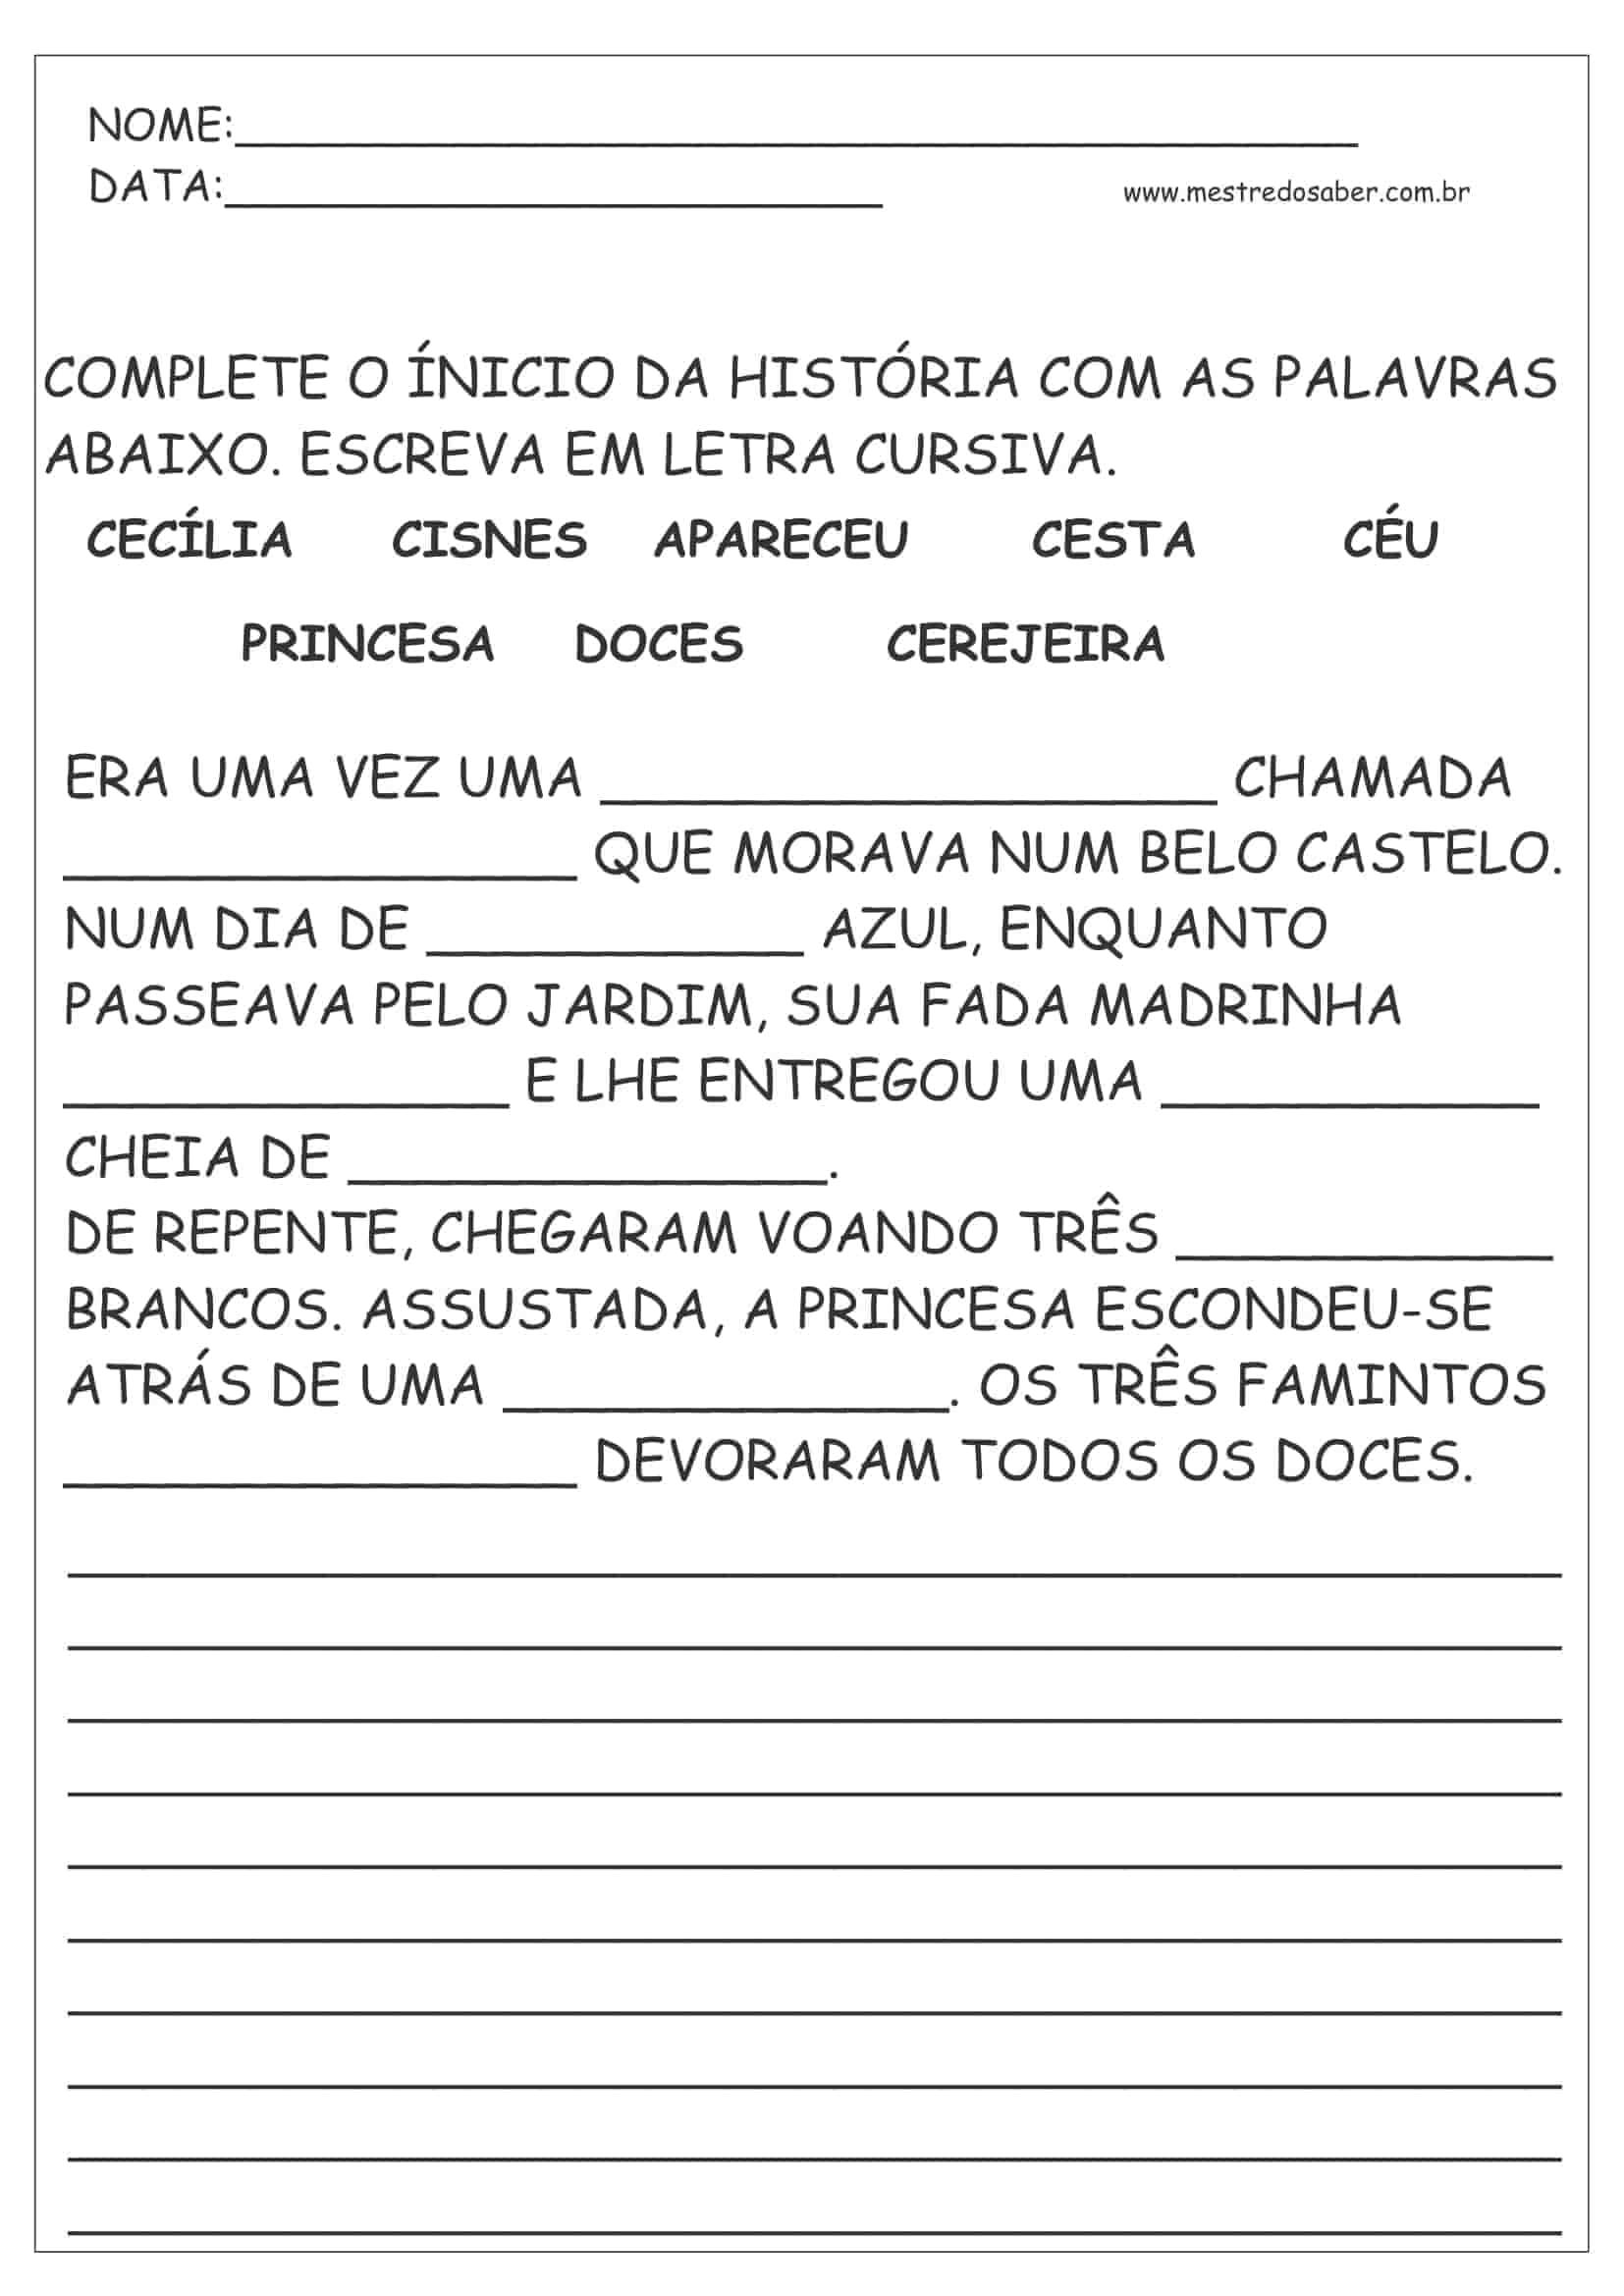 30 Atividades De Português 1 Ano Mestre Do Saber